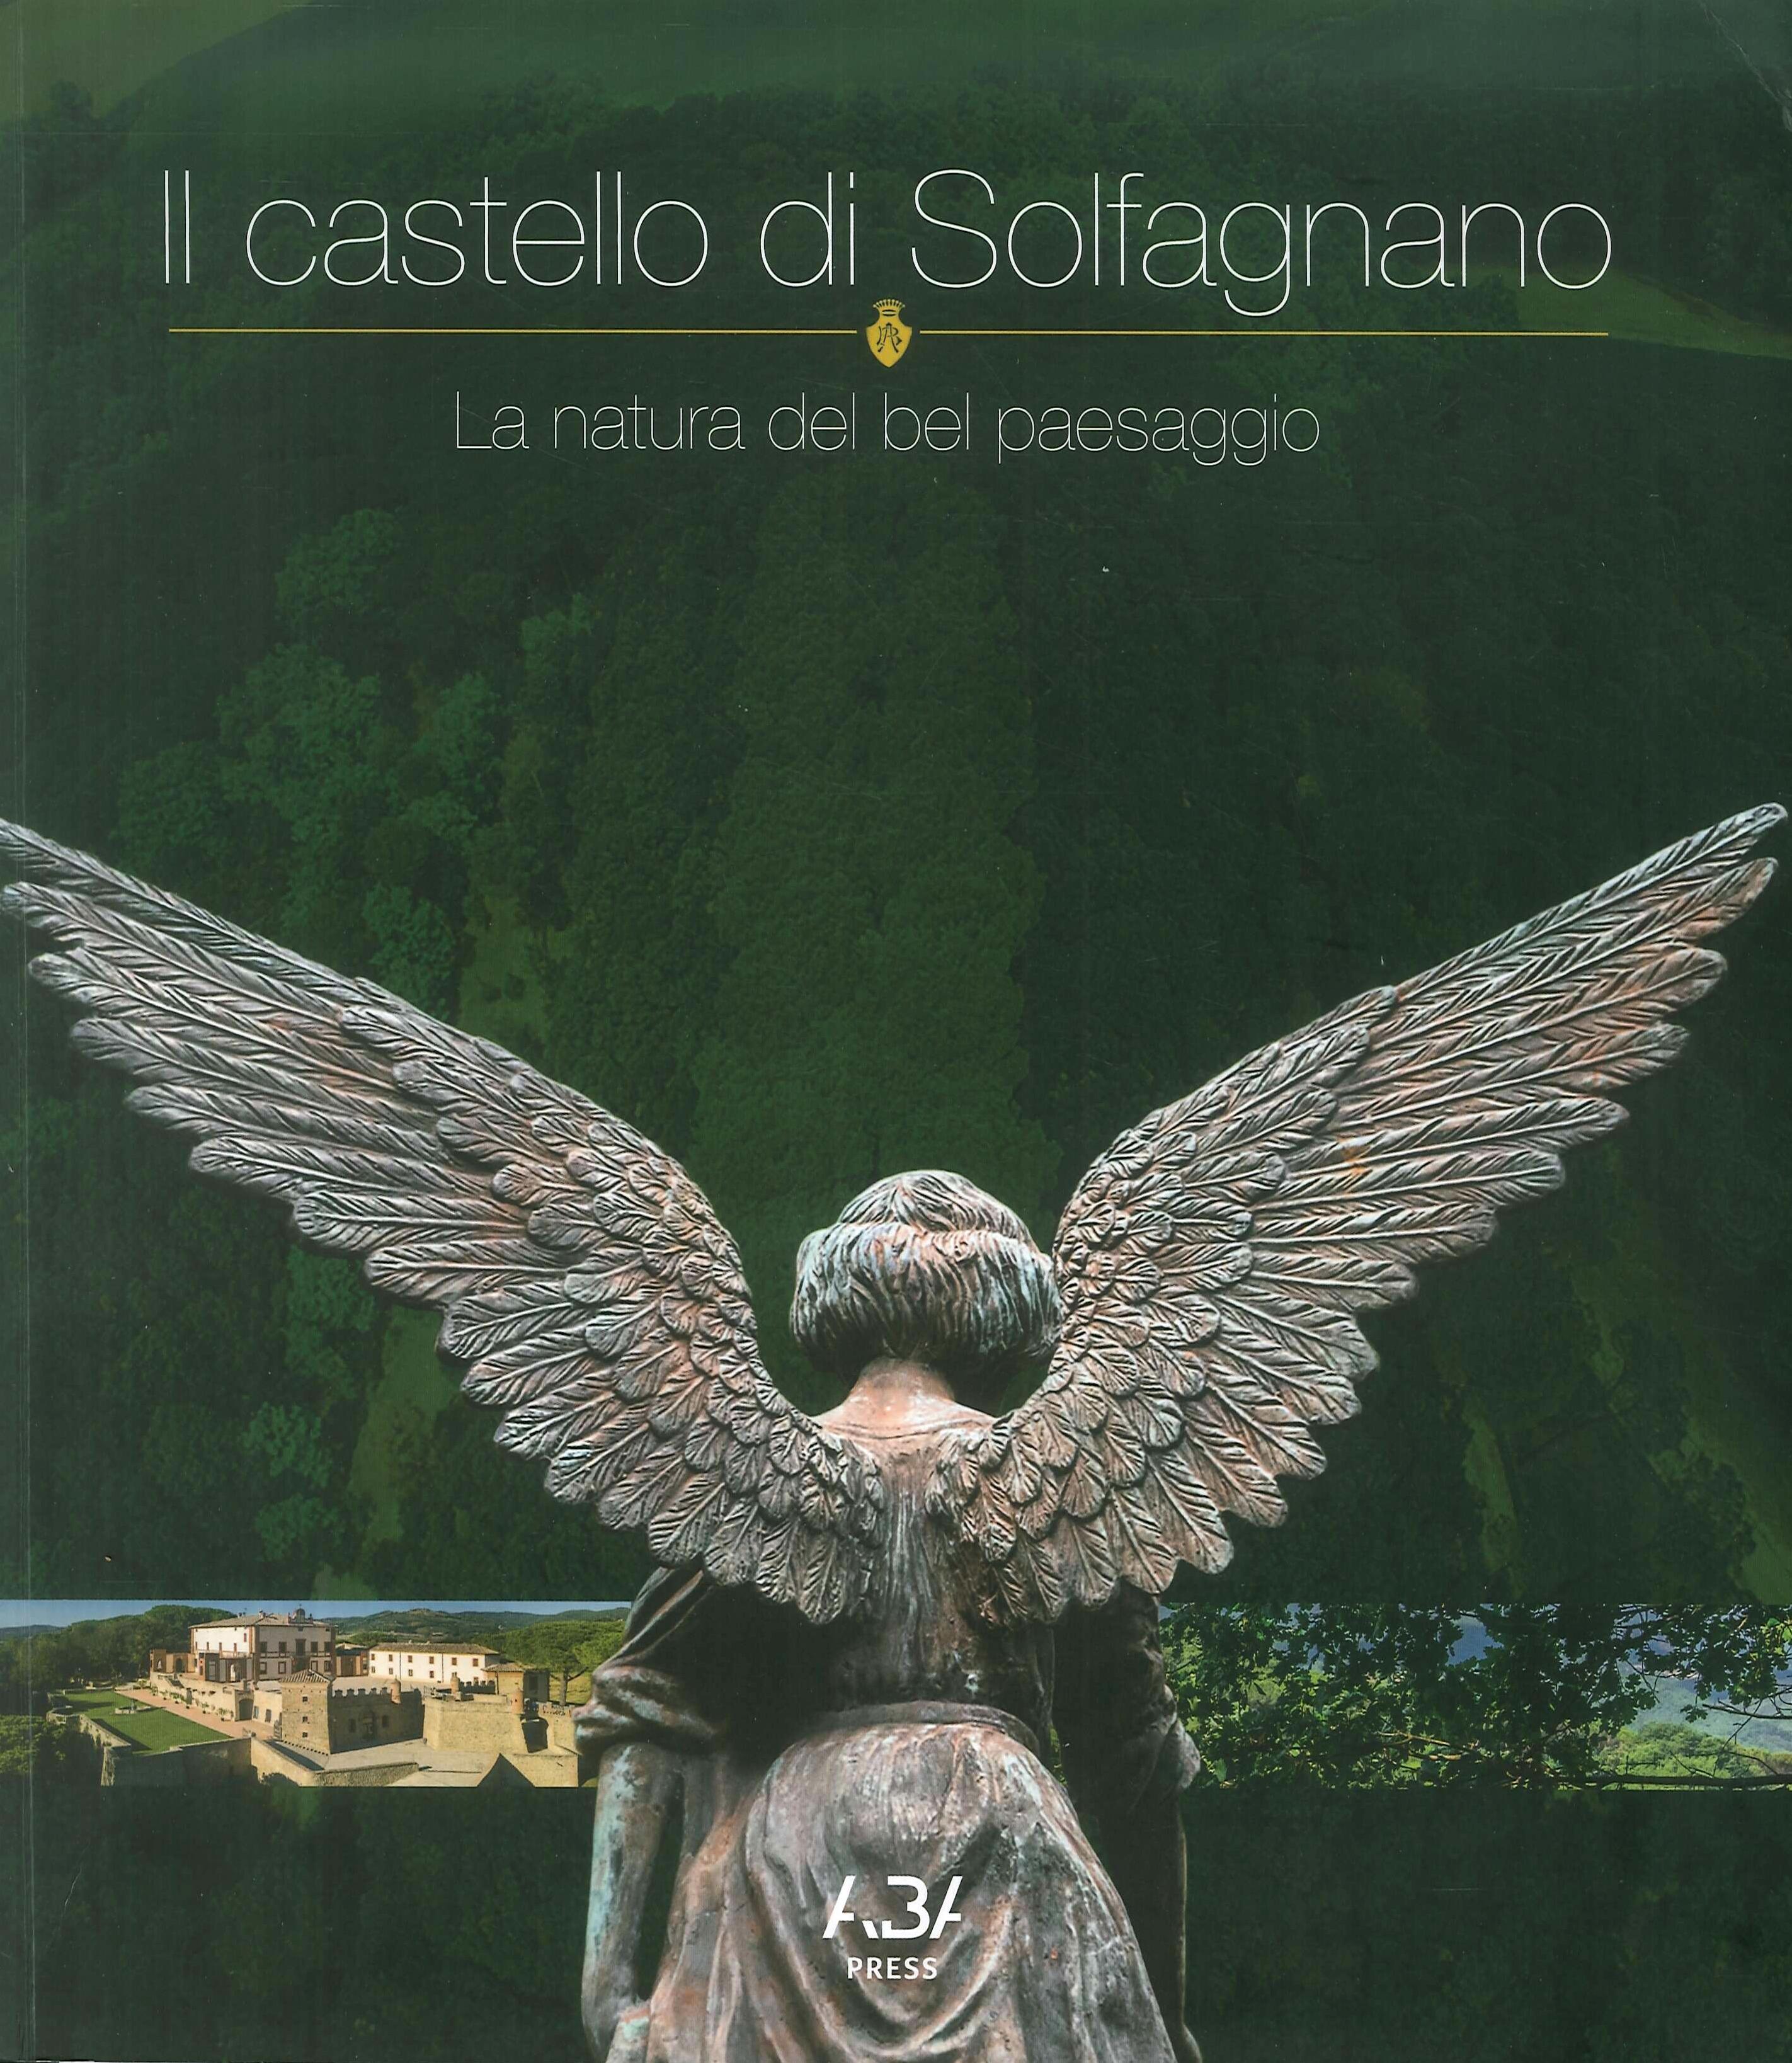 Il castello di Solfagnano. La natura del bel paesaggio